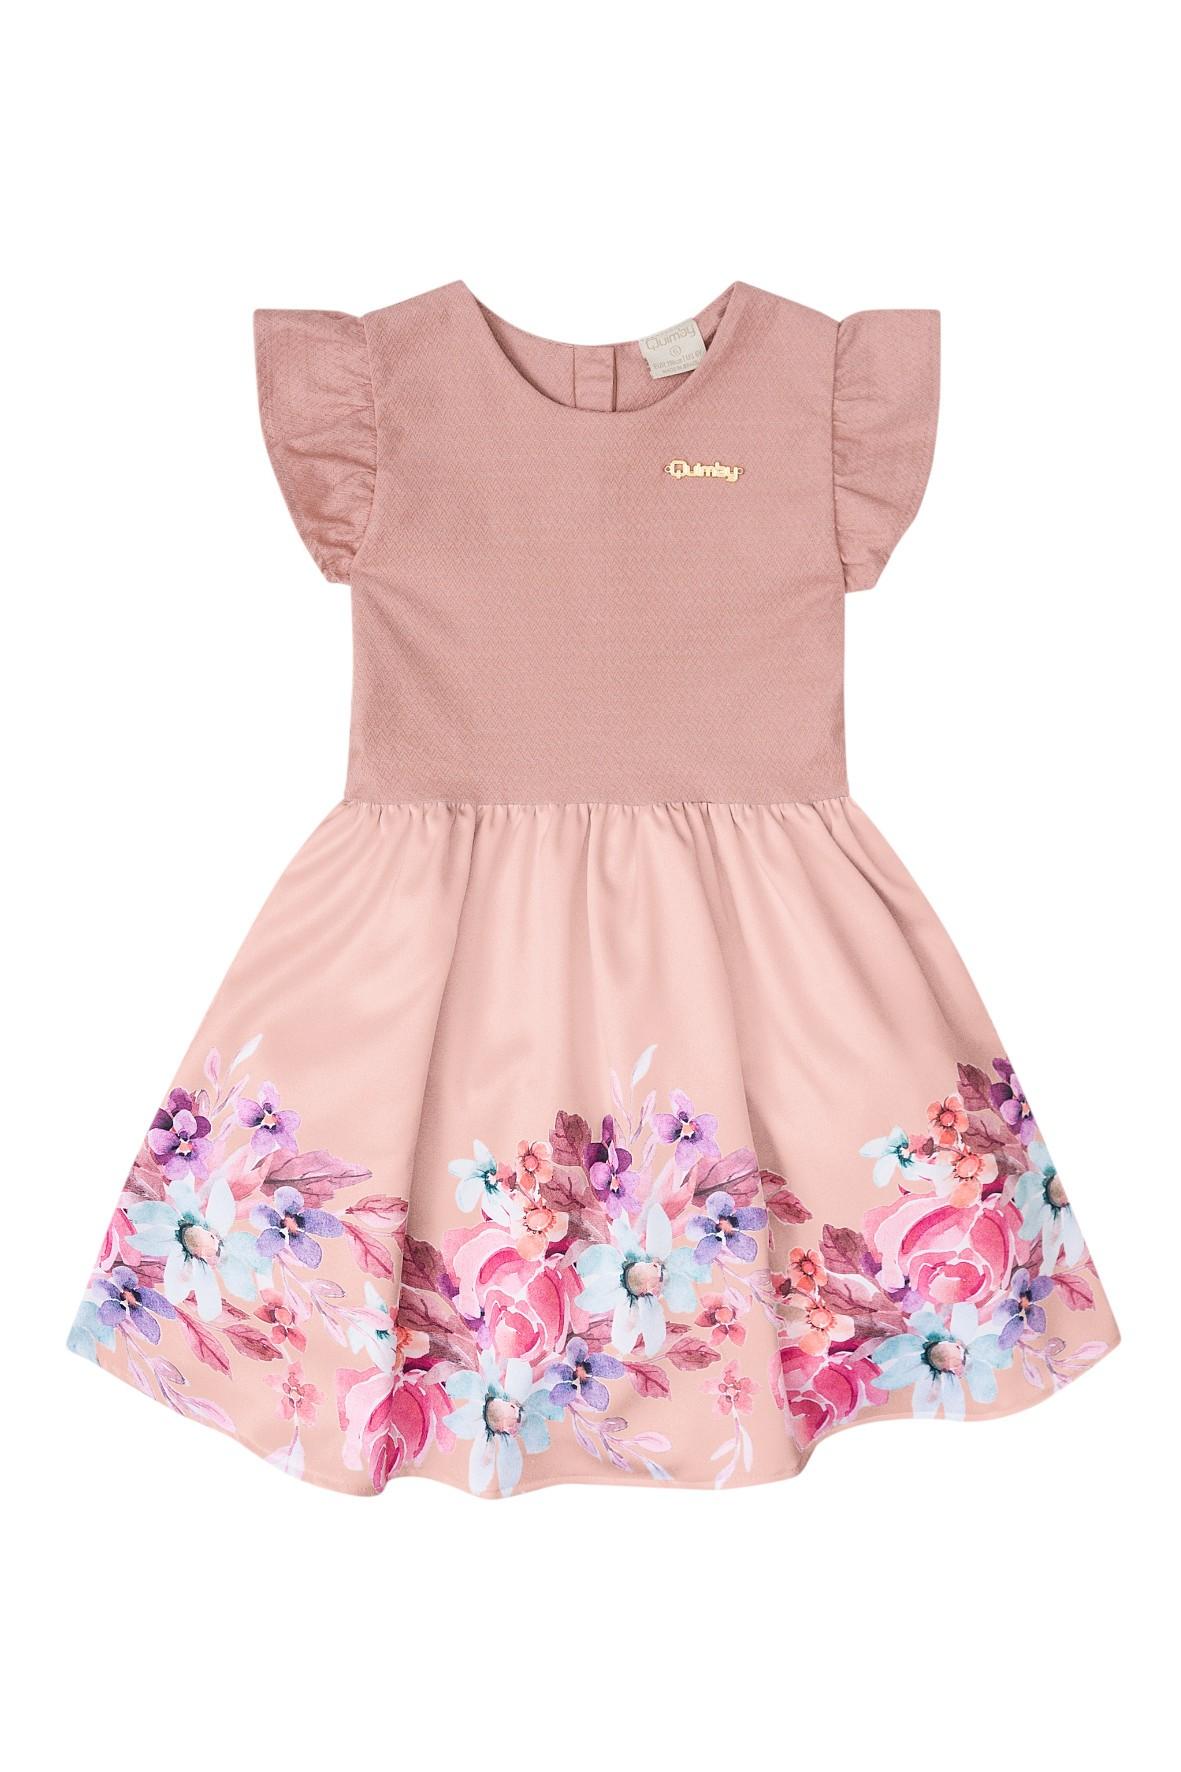 4f97869107 ... Różowa rozkloszowana sukienka w kwiaty dla dziewczynki ...